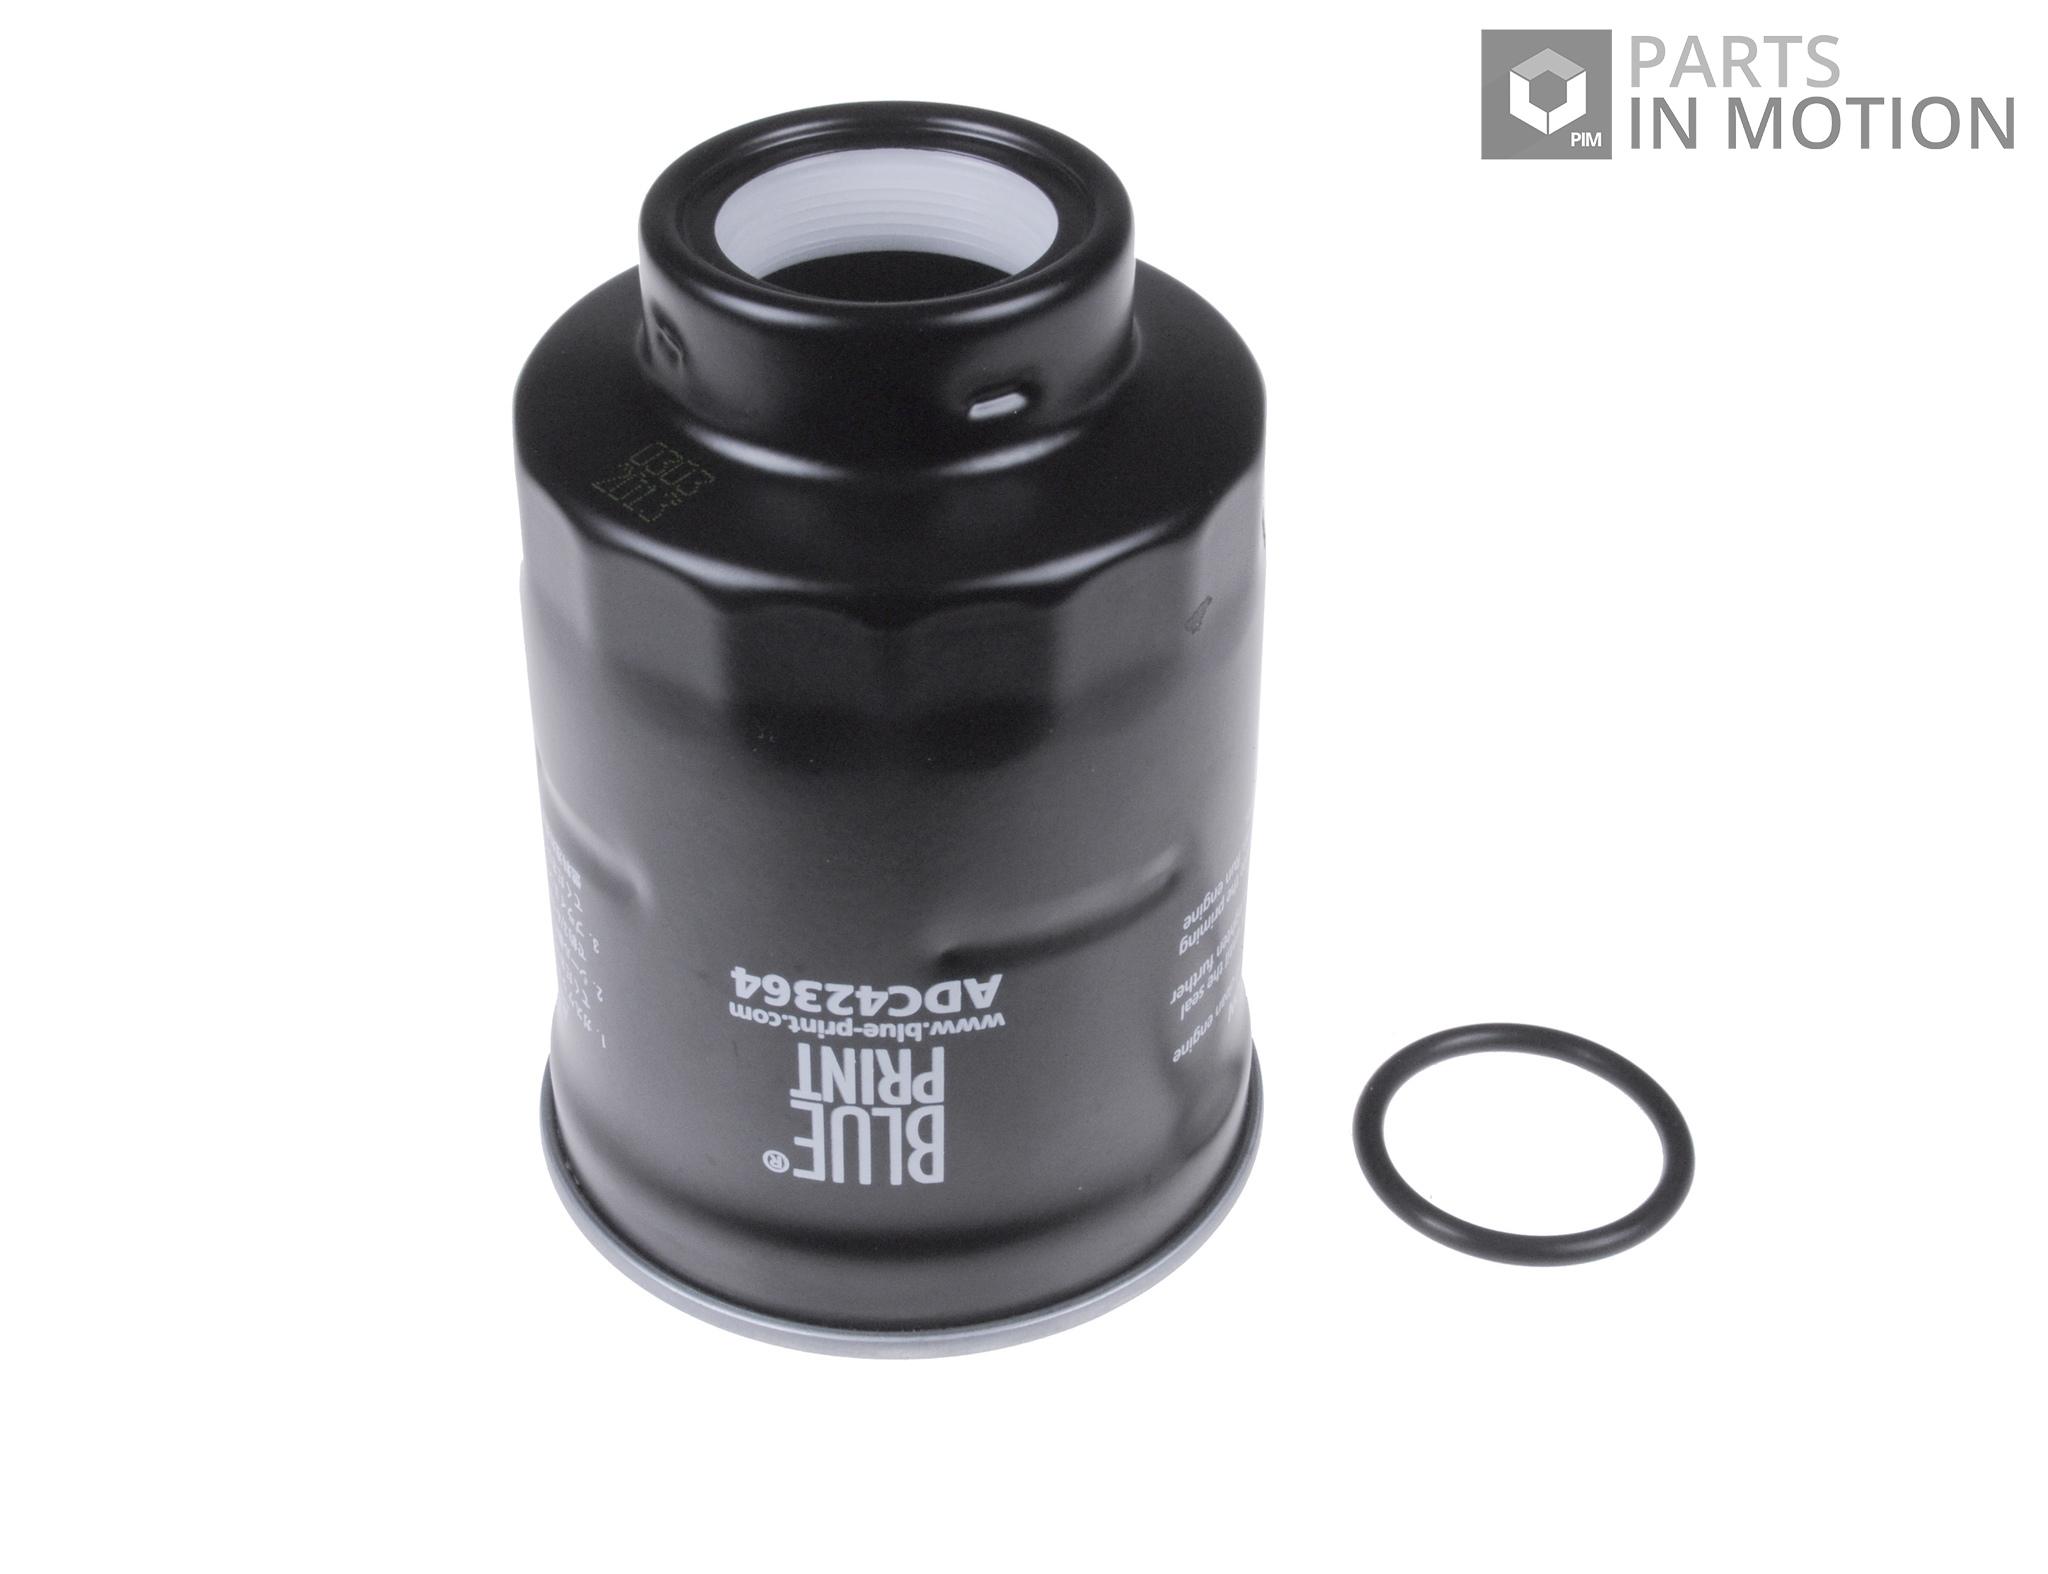 Fuel Filter fits MITSUBISHI ASX GA 1.8 1.8D 2010 on ADL 1770A172 1770A253 New